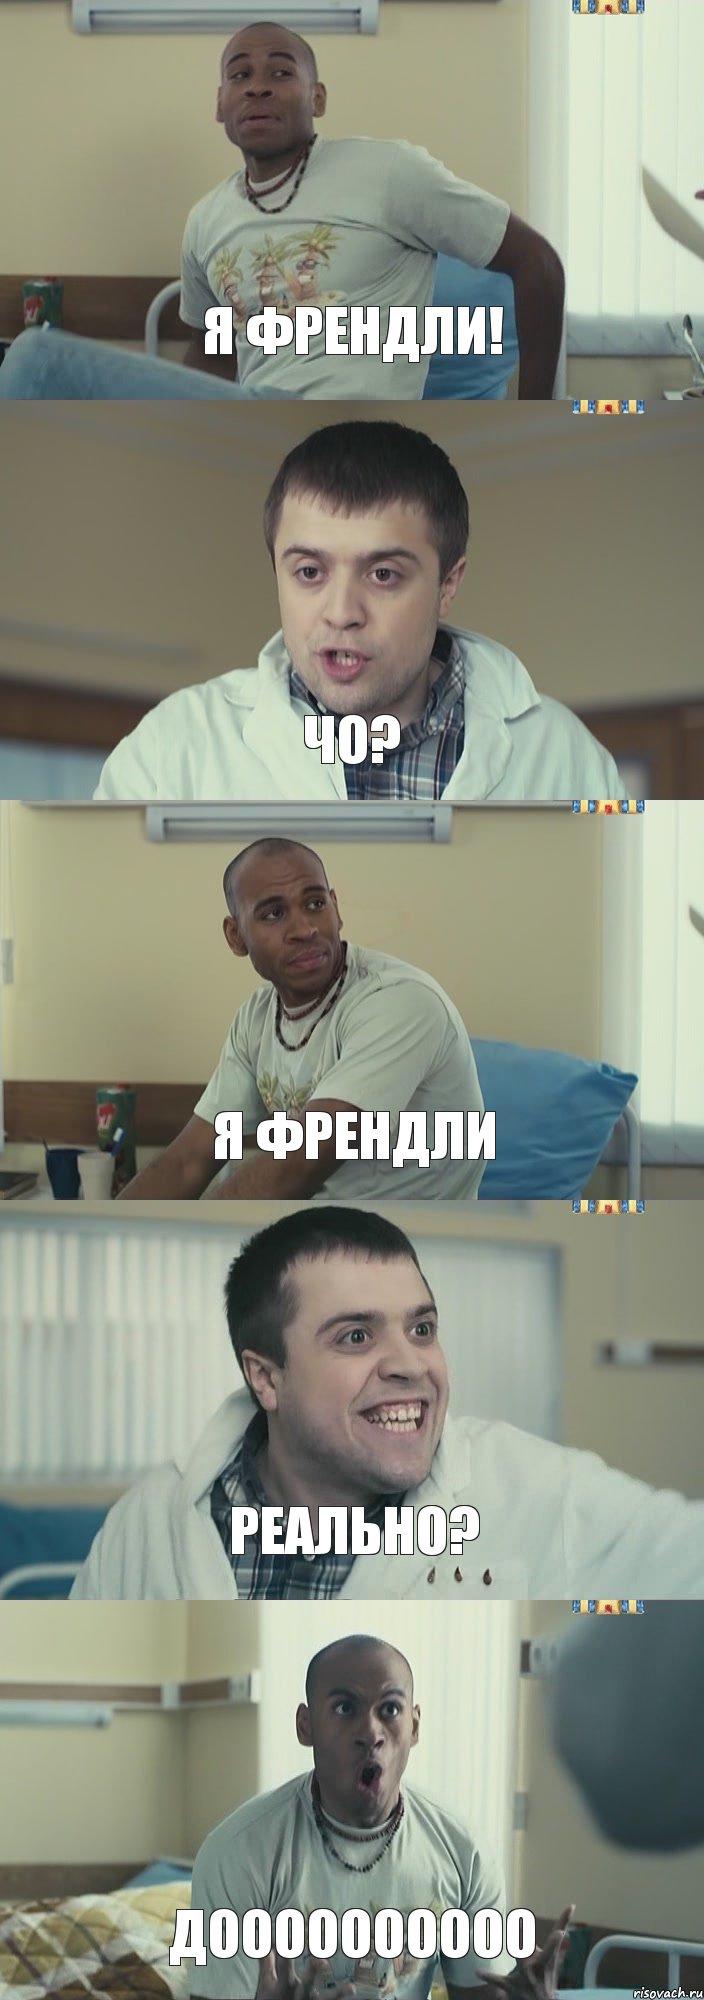 Мама дала мне 100 рублей чтобы купит покушать